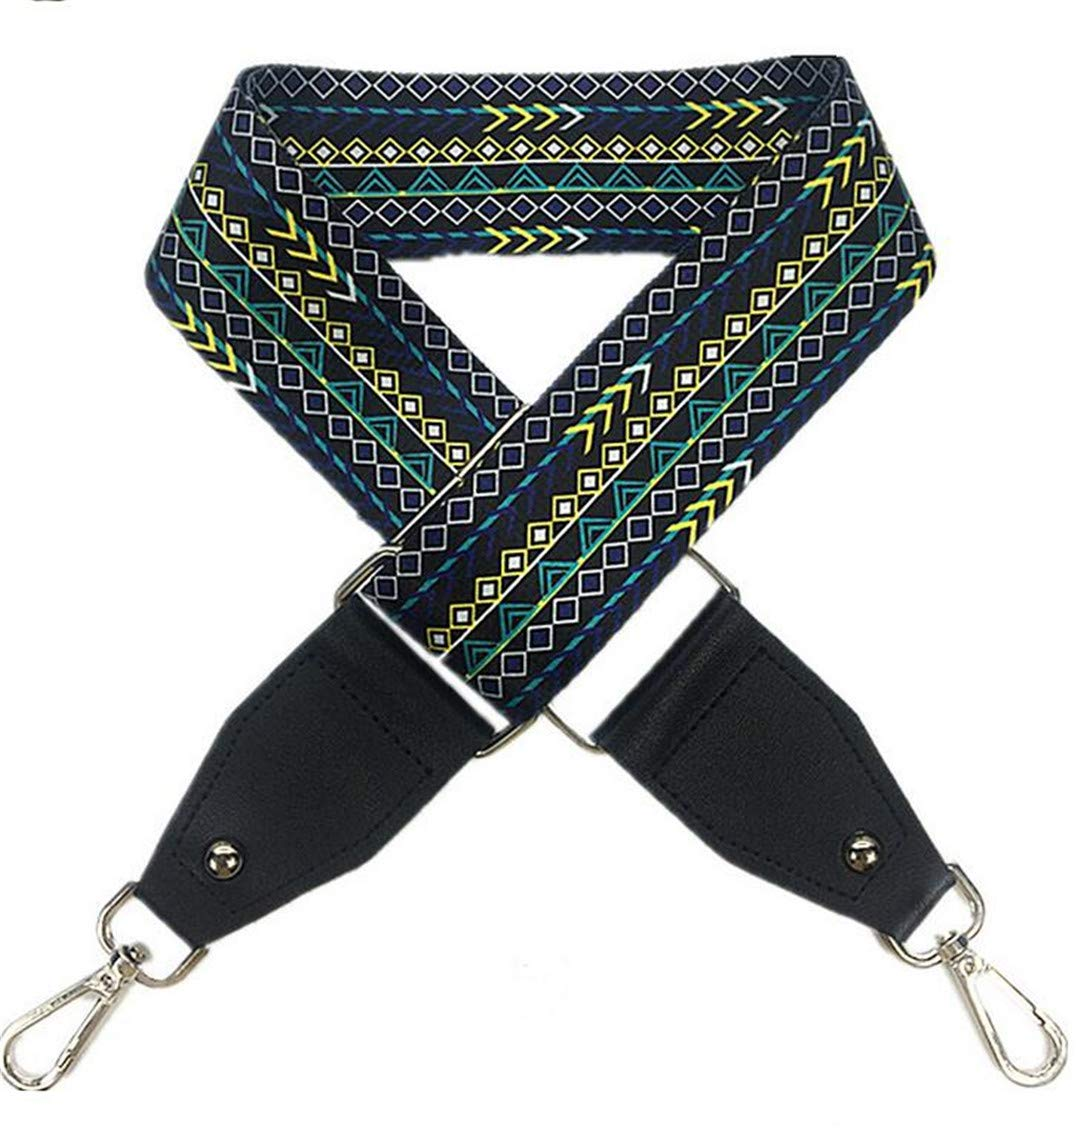 Bag Strap Handbag Belt Wide Shoulder Bag Strap Replacement Strap Accessory Bag Part Adjustable Belt For Bag 130Cm 13 130cm